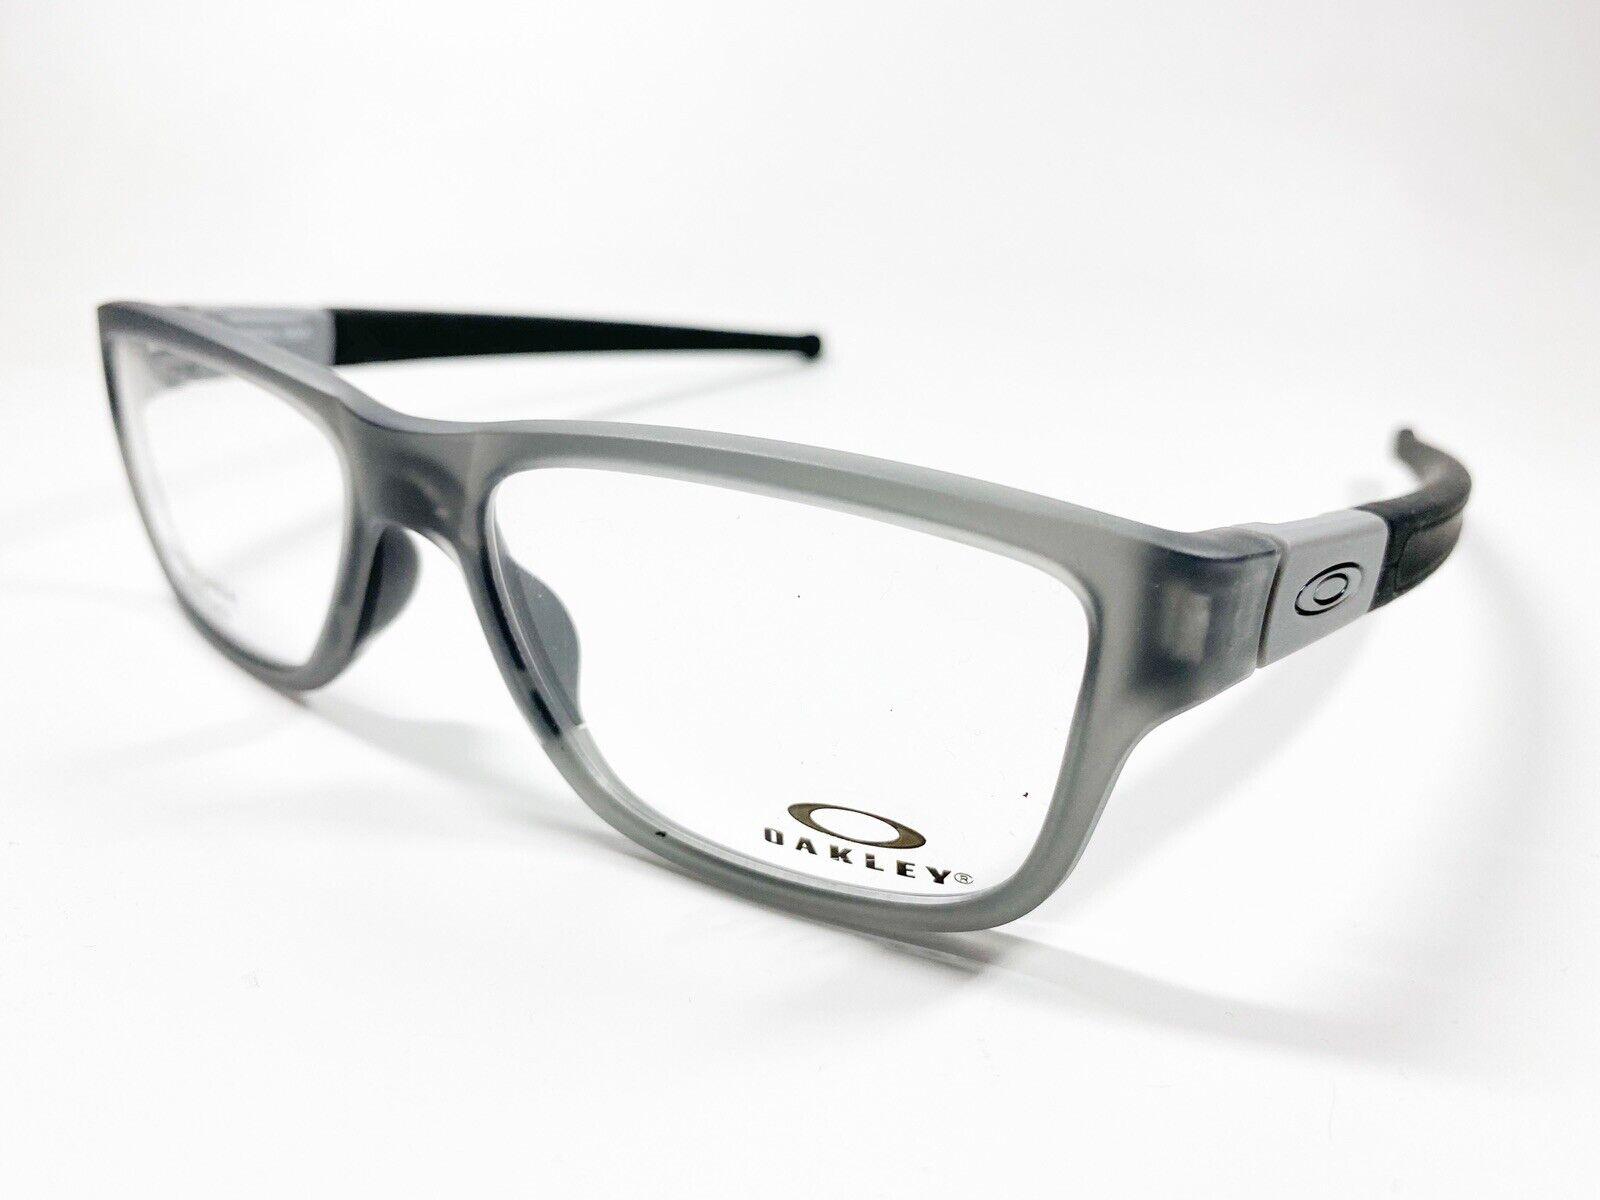 OAKLEY Marshal MNP 8091 02 55 satin grey Brille Kunststoff Brillenfassung NEU